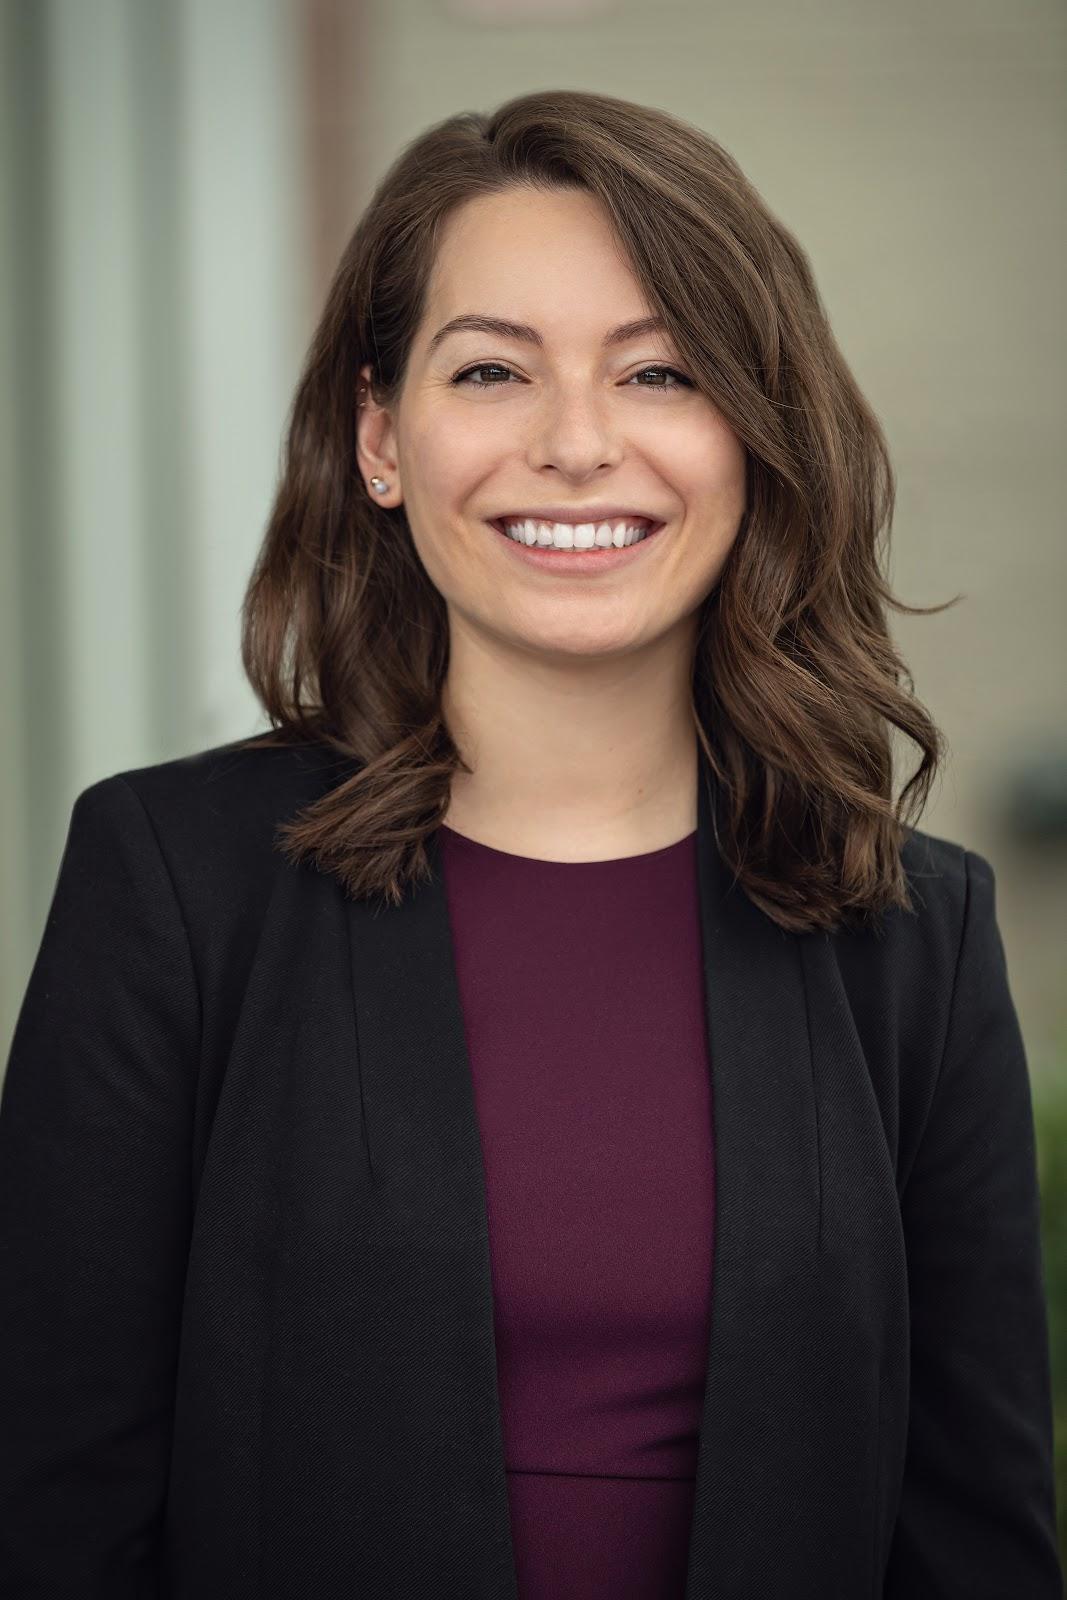 Kirsten Bonawitz, BS